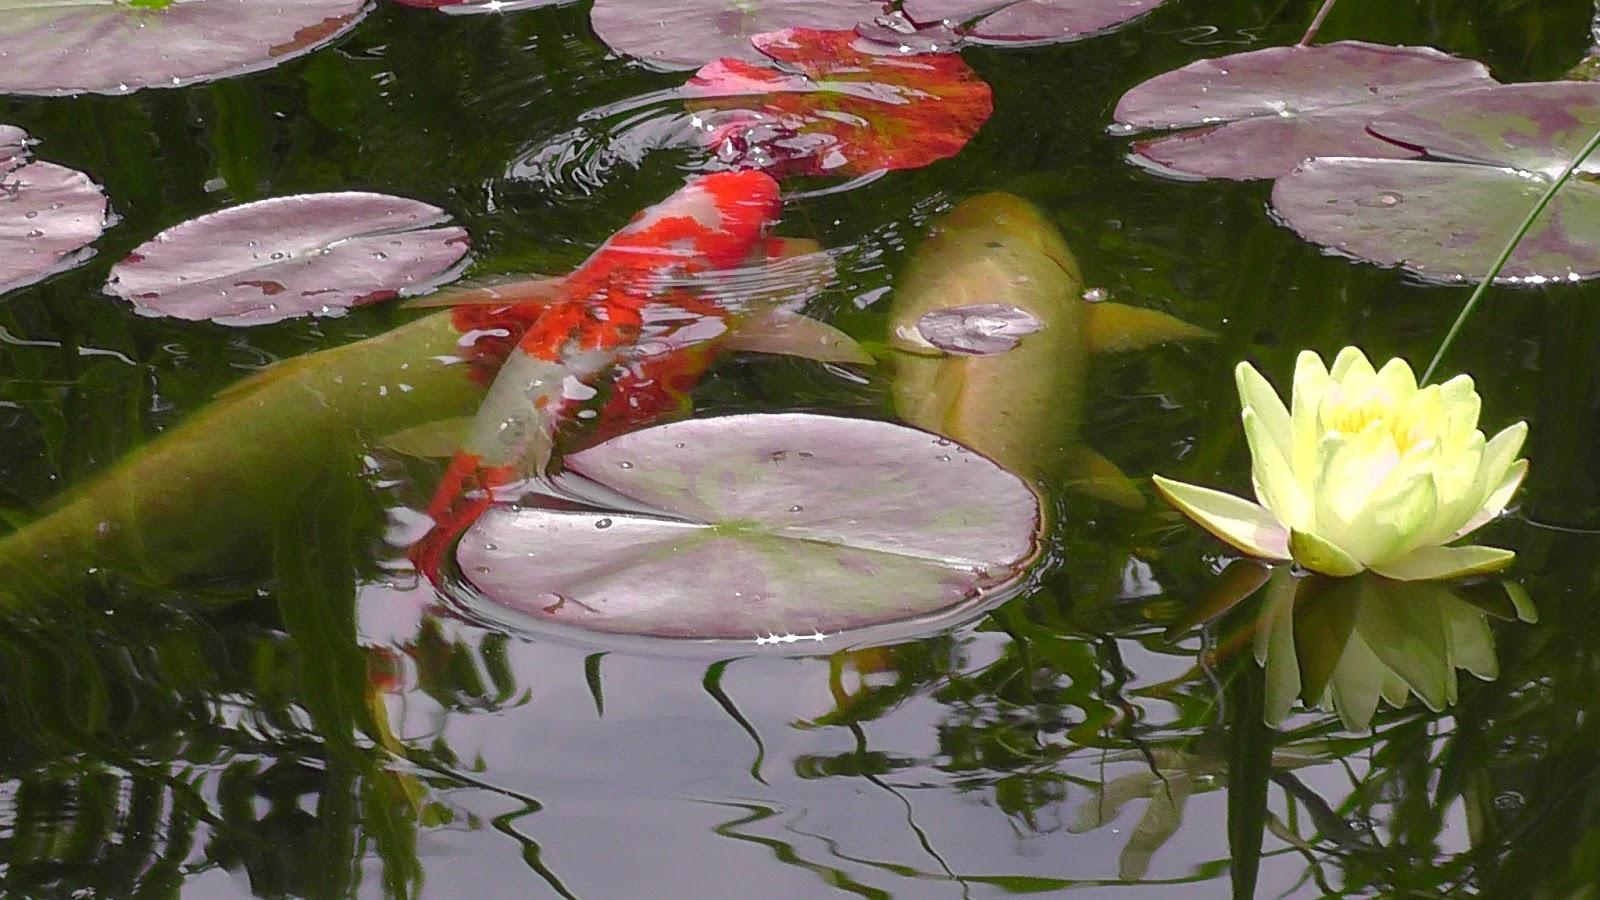 Julchens welt kois und goldfische bereichern meinen for Gartenteich goldfische